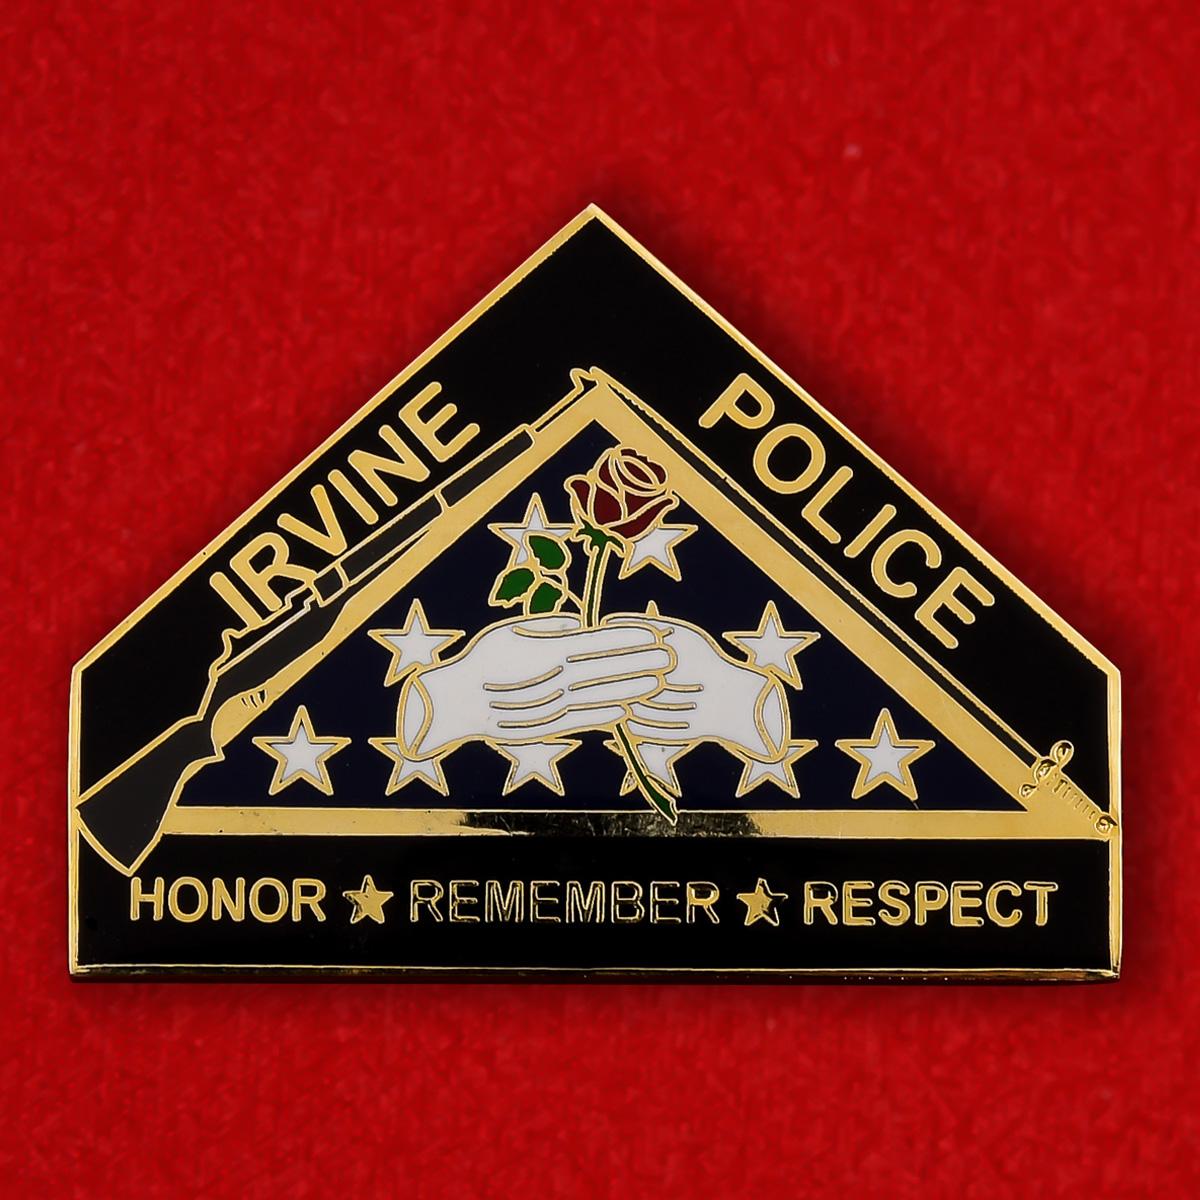 Челлендж коин роты Почетного караула Департамента полиции Ирвайна, Калифорния